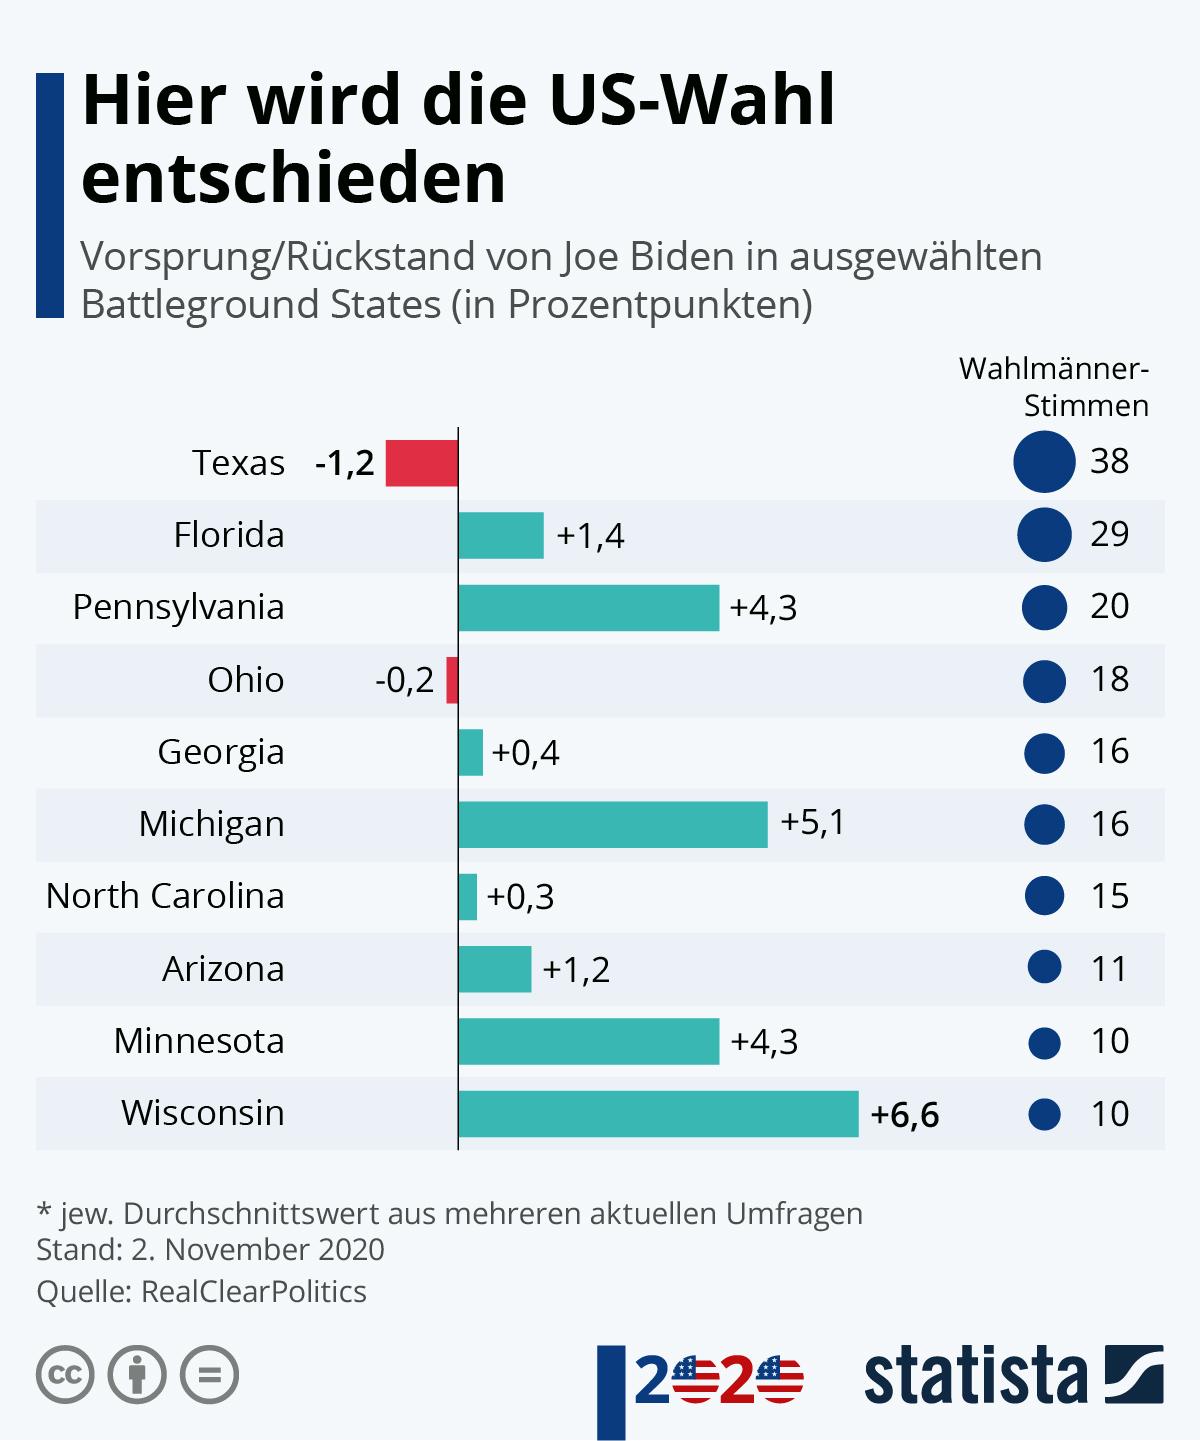 Infografik: Hier wird die US-Wahl entschieden | Statista